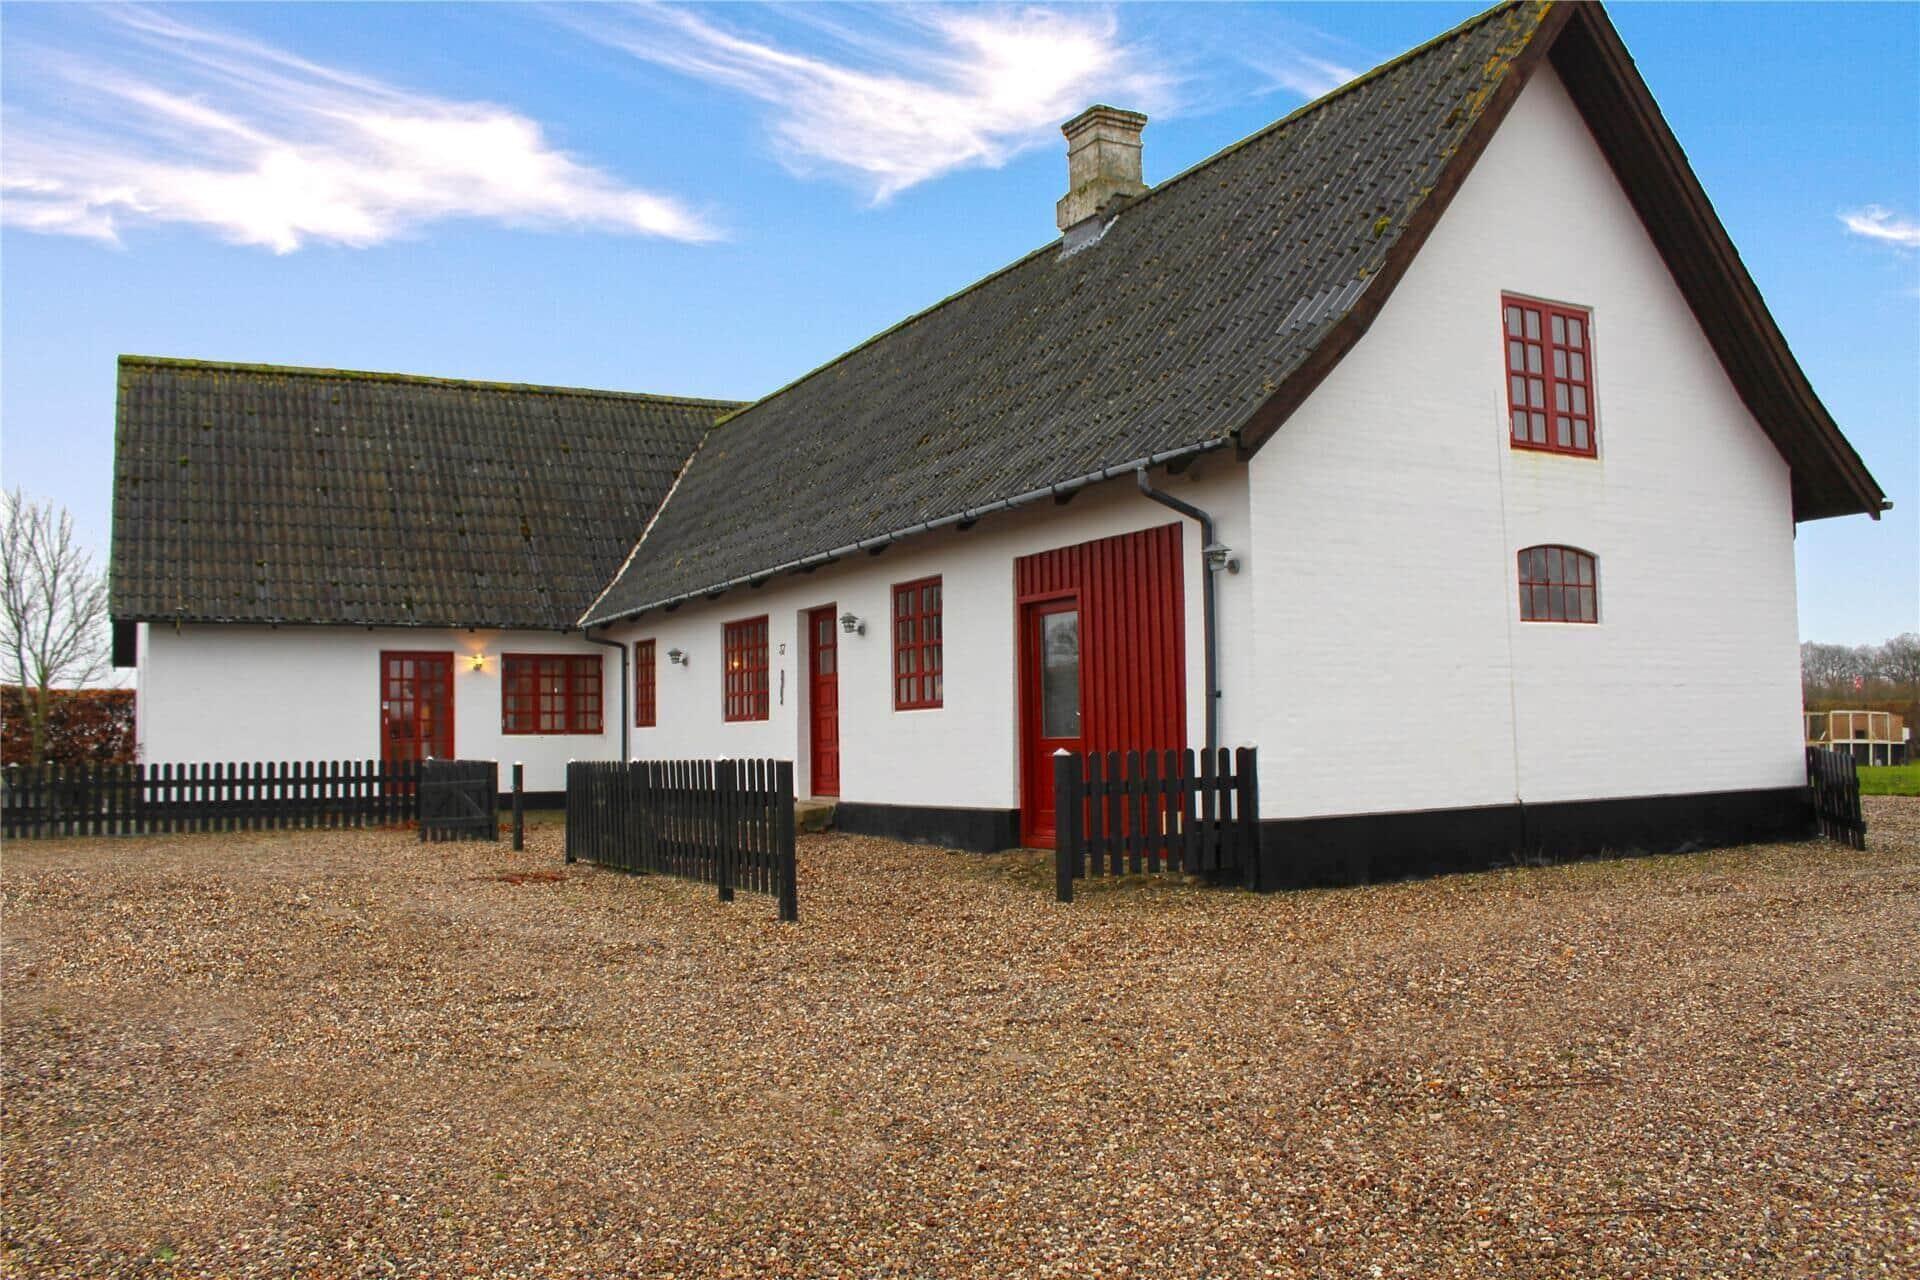 Afbeelding 0-3 Vakantiehuis M65973, Bøjdenvejen 37, DK - 5772 Kværndrup